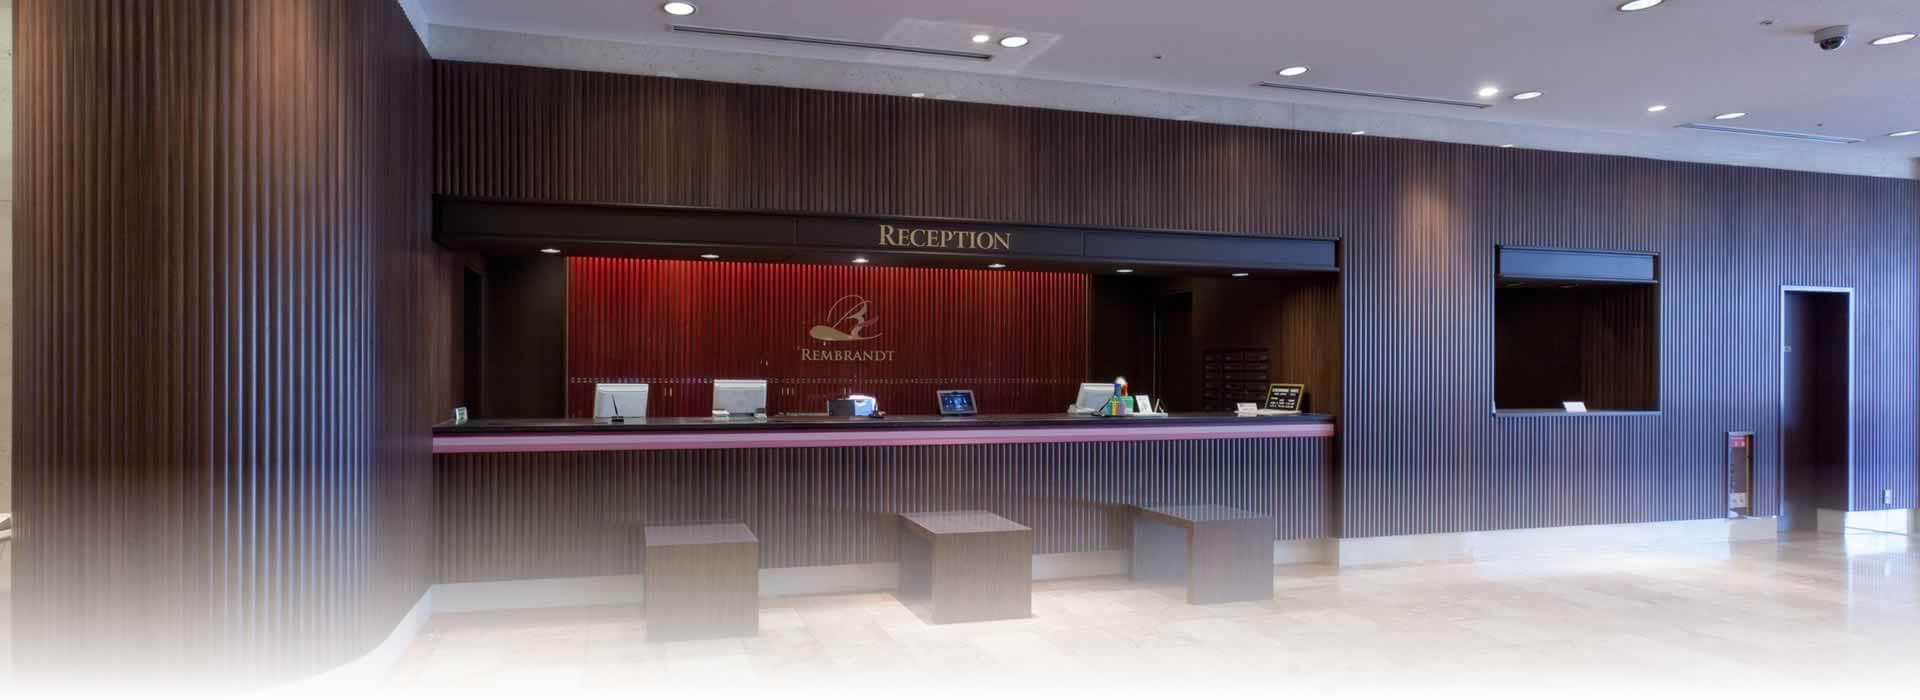 新着情報|レンブラントホテル大分【公式】レンブラントグループホテル